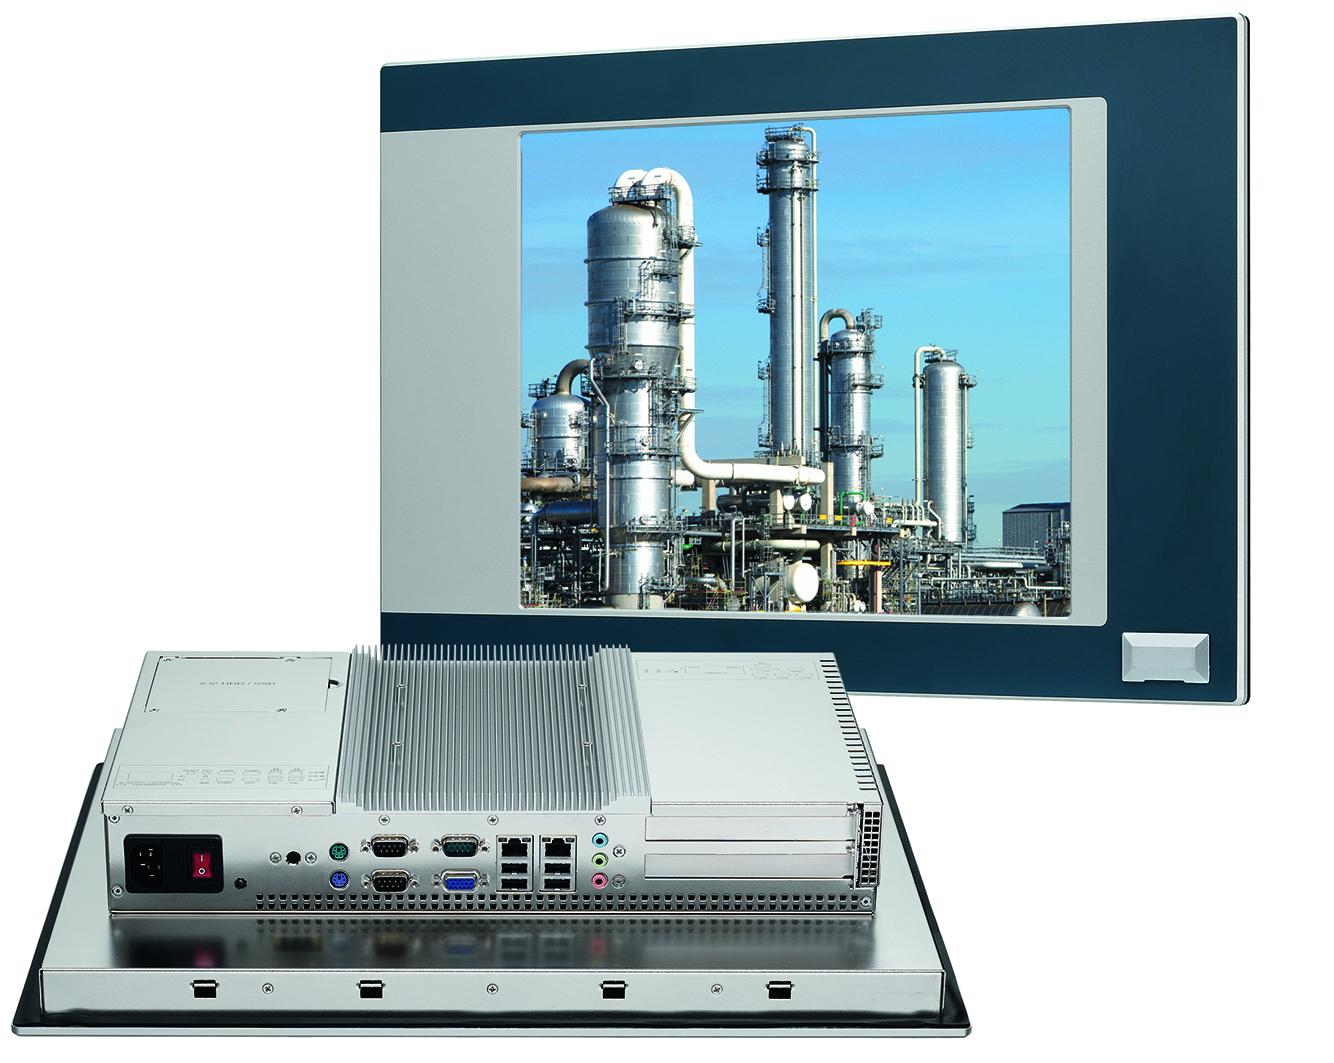 Industrielle Panel-PCs im ansprechenden Design